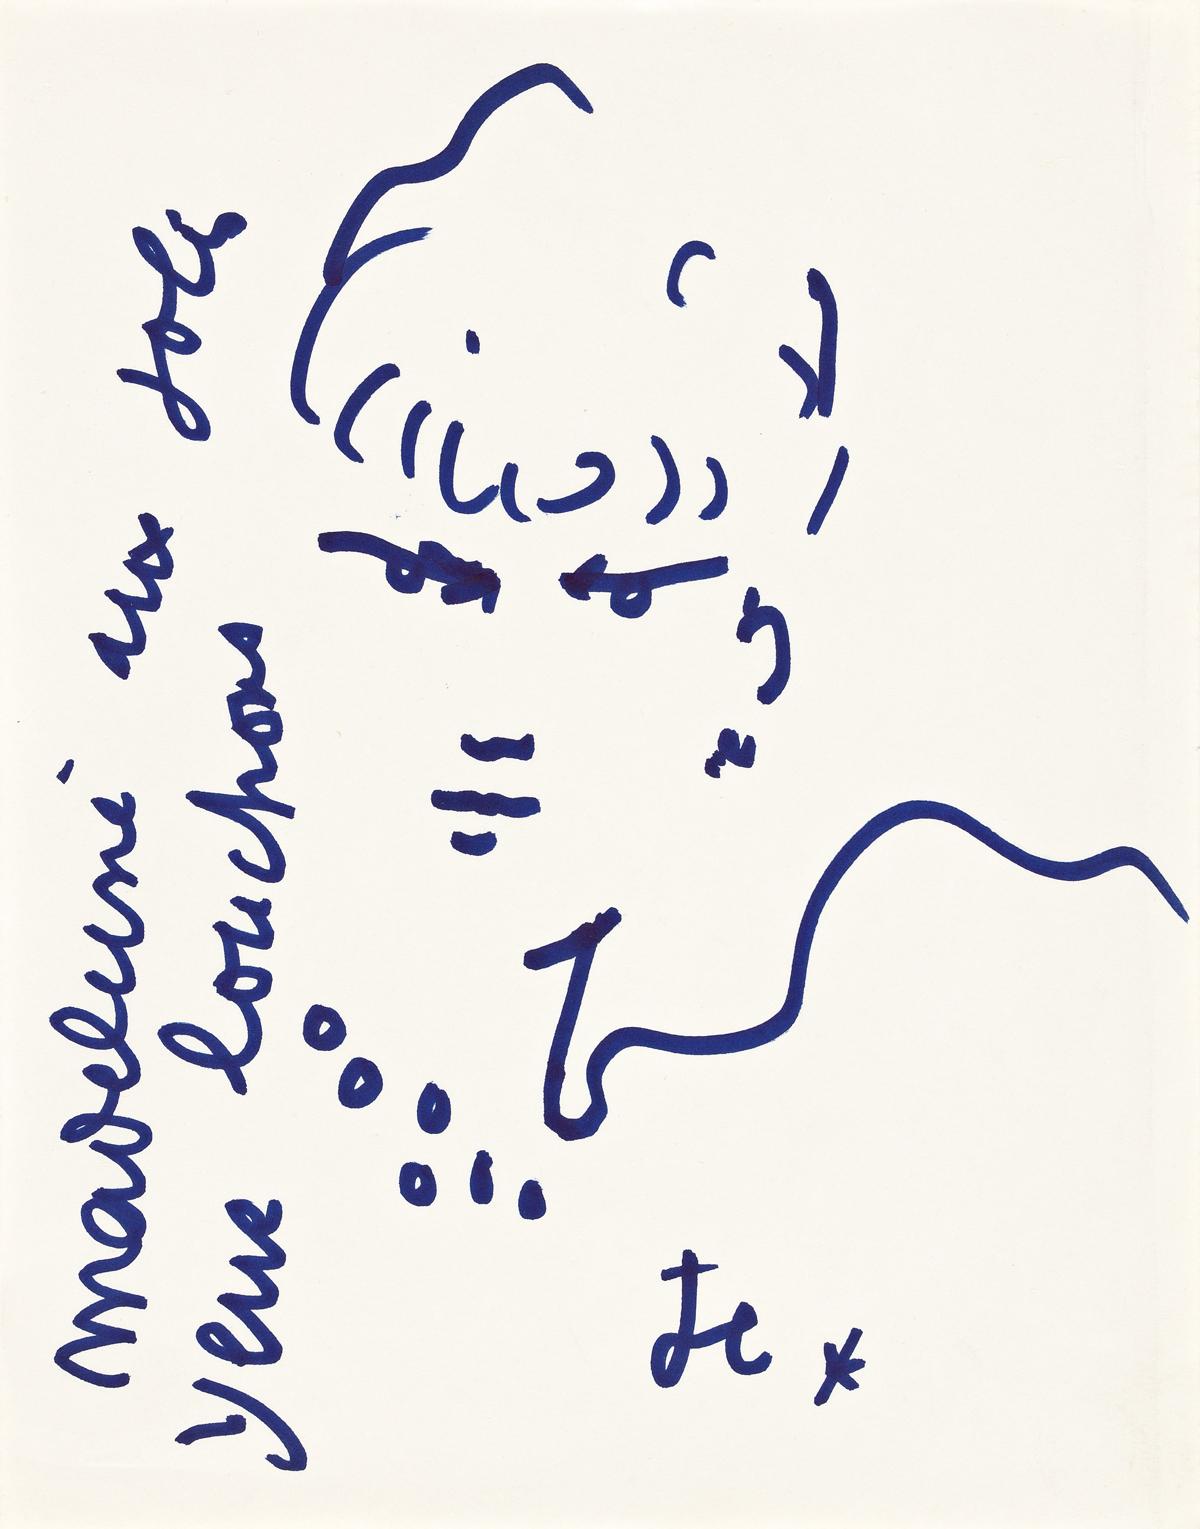 JEAN COCTEAU (1889-1963) Madeleine aux joli yeux louchons.